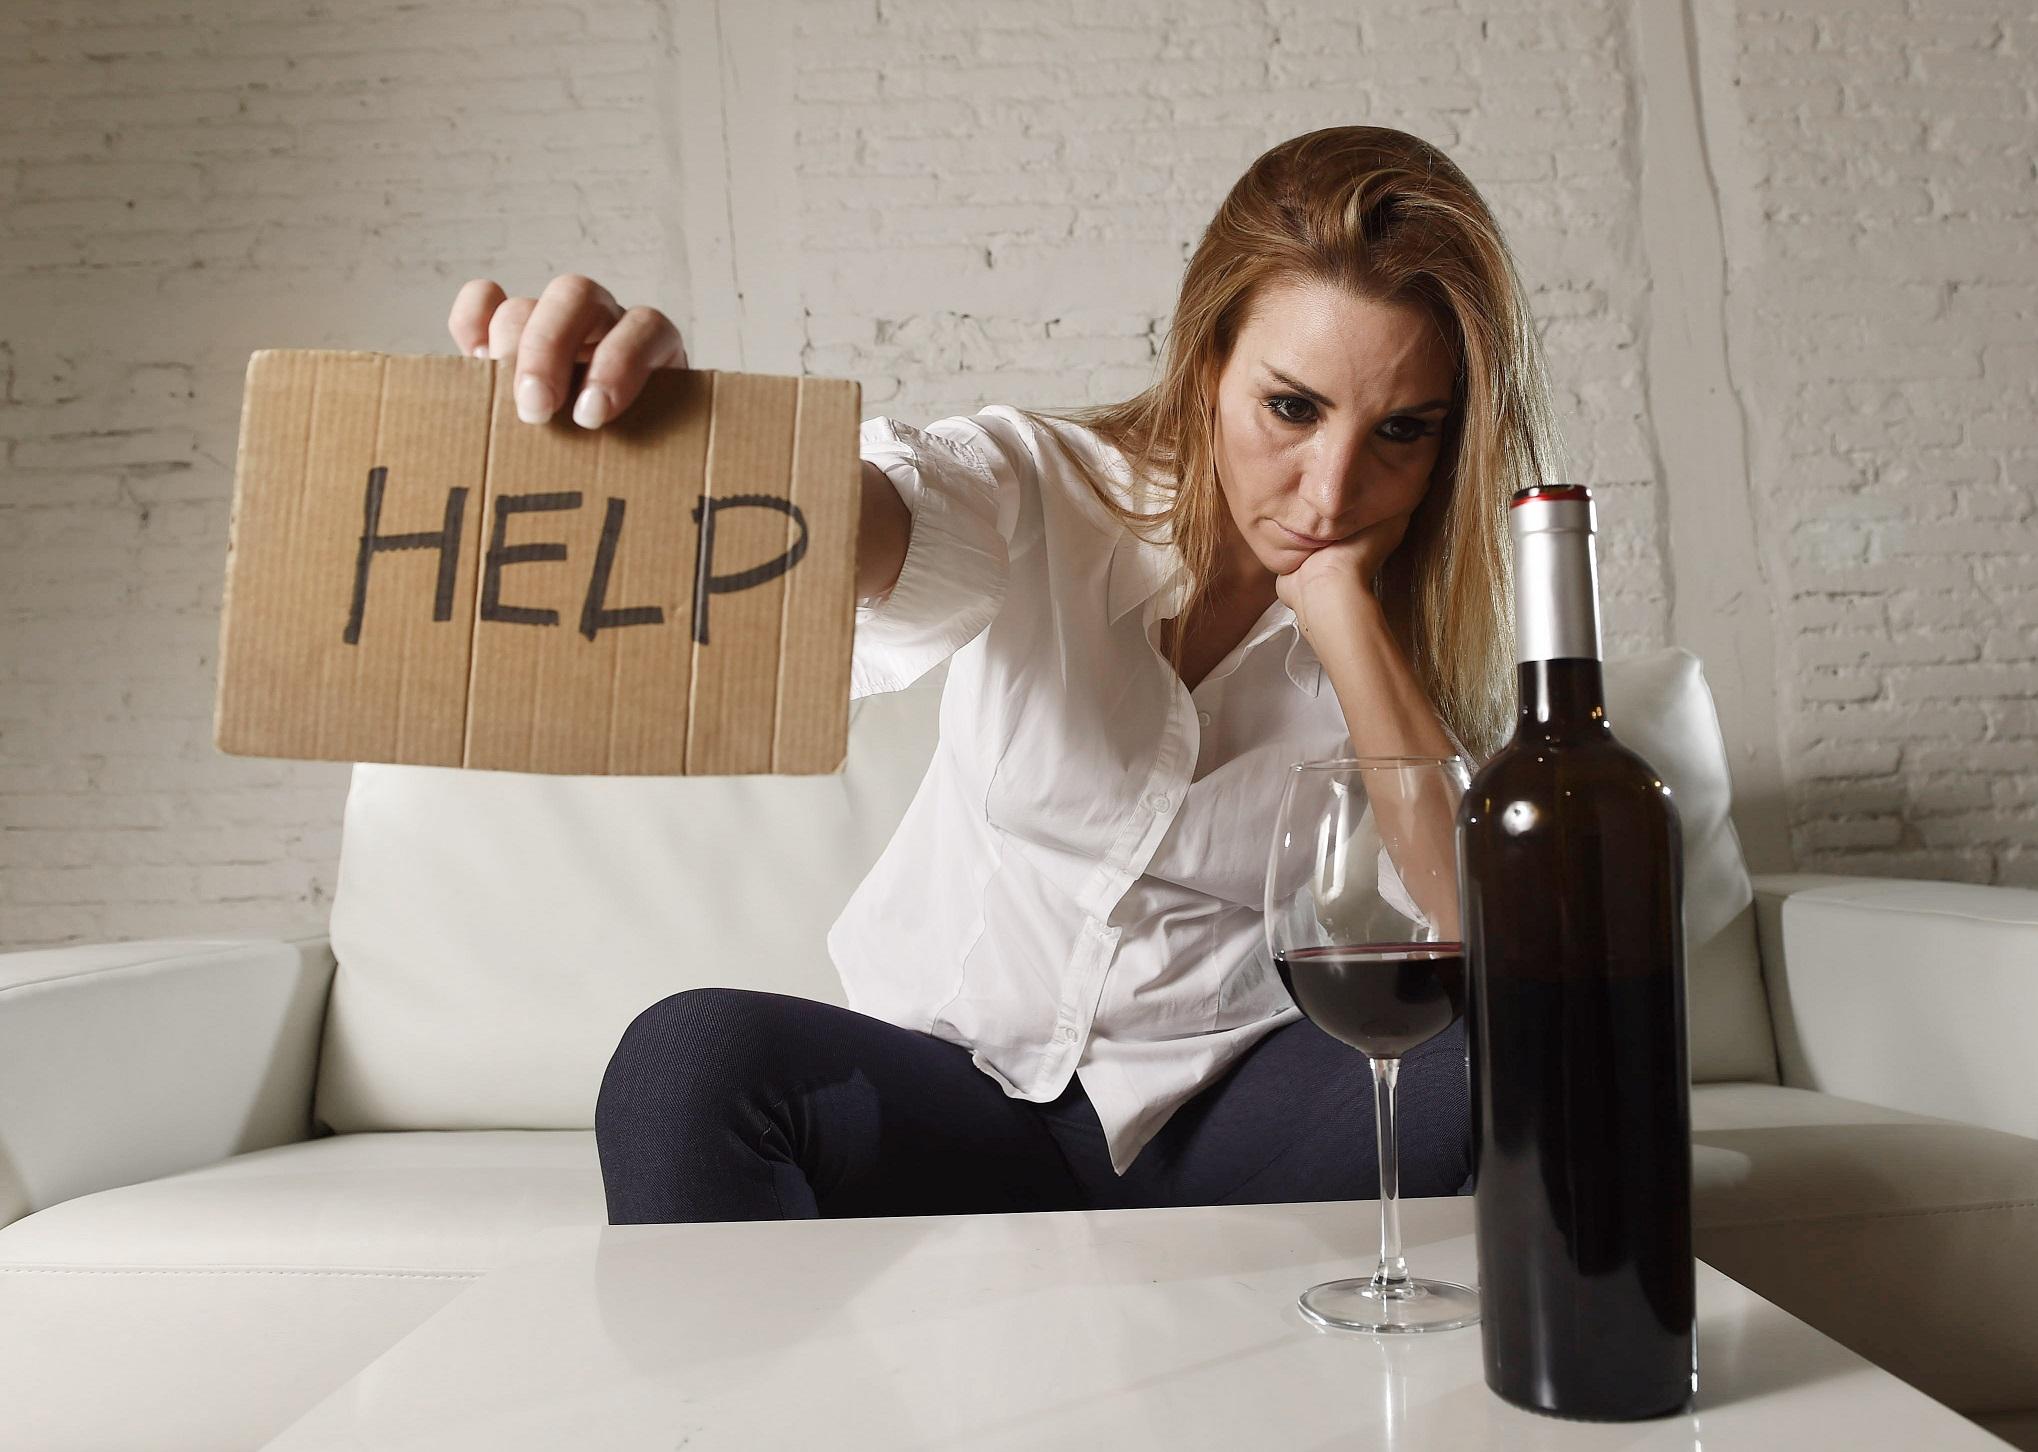 женщина с бутылкой просит о помощи